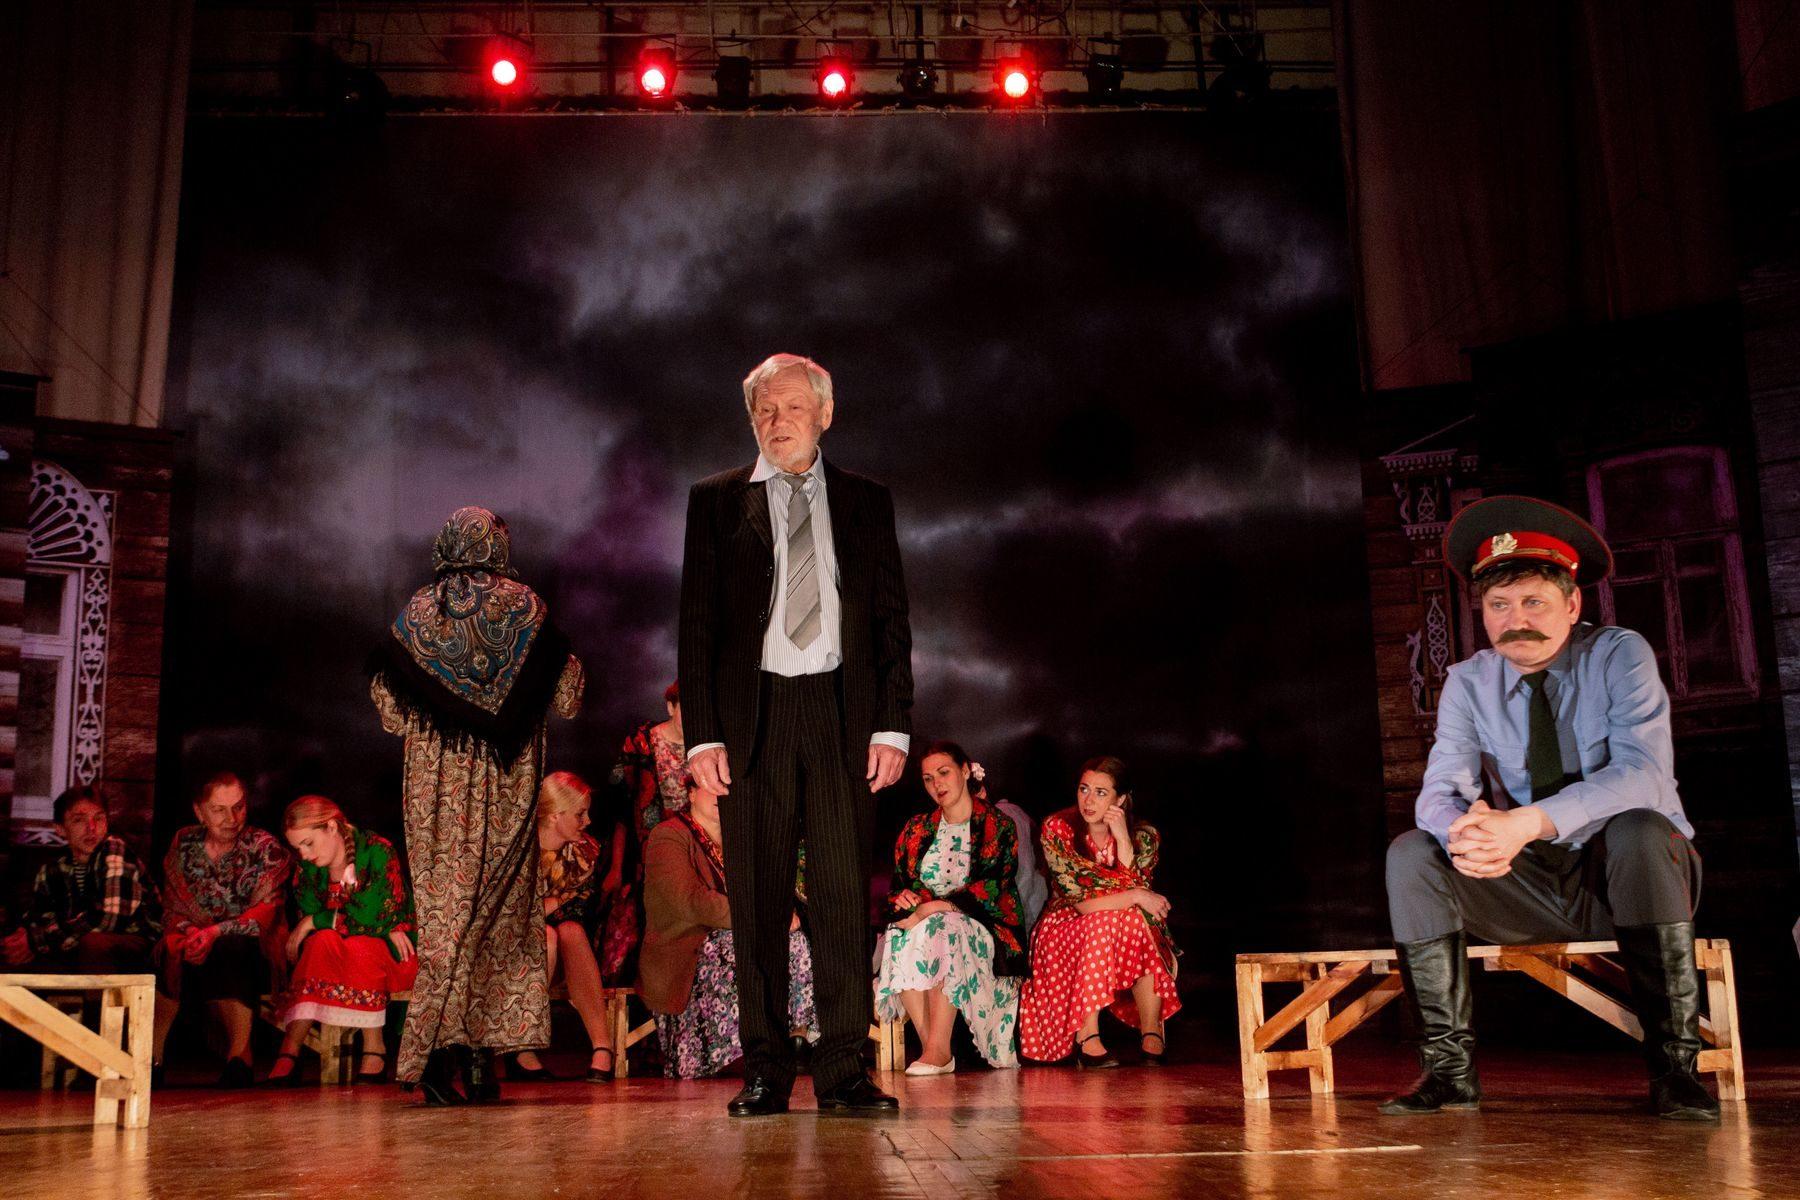 Концерт «Театру «Глас» – 30 лет» в Малом театре – события на сайте «Московские Сезоны»